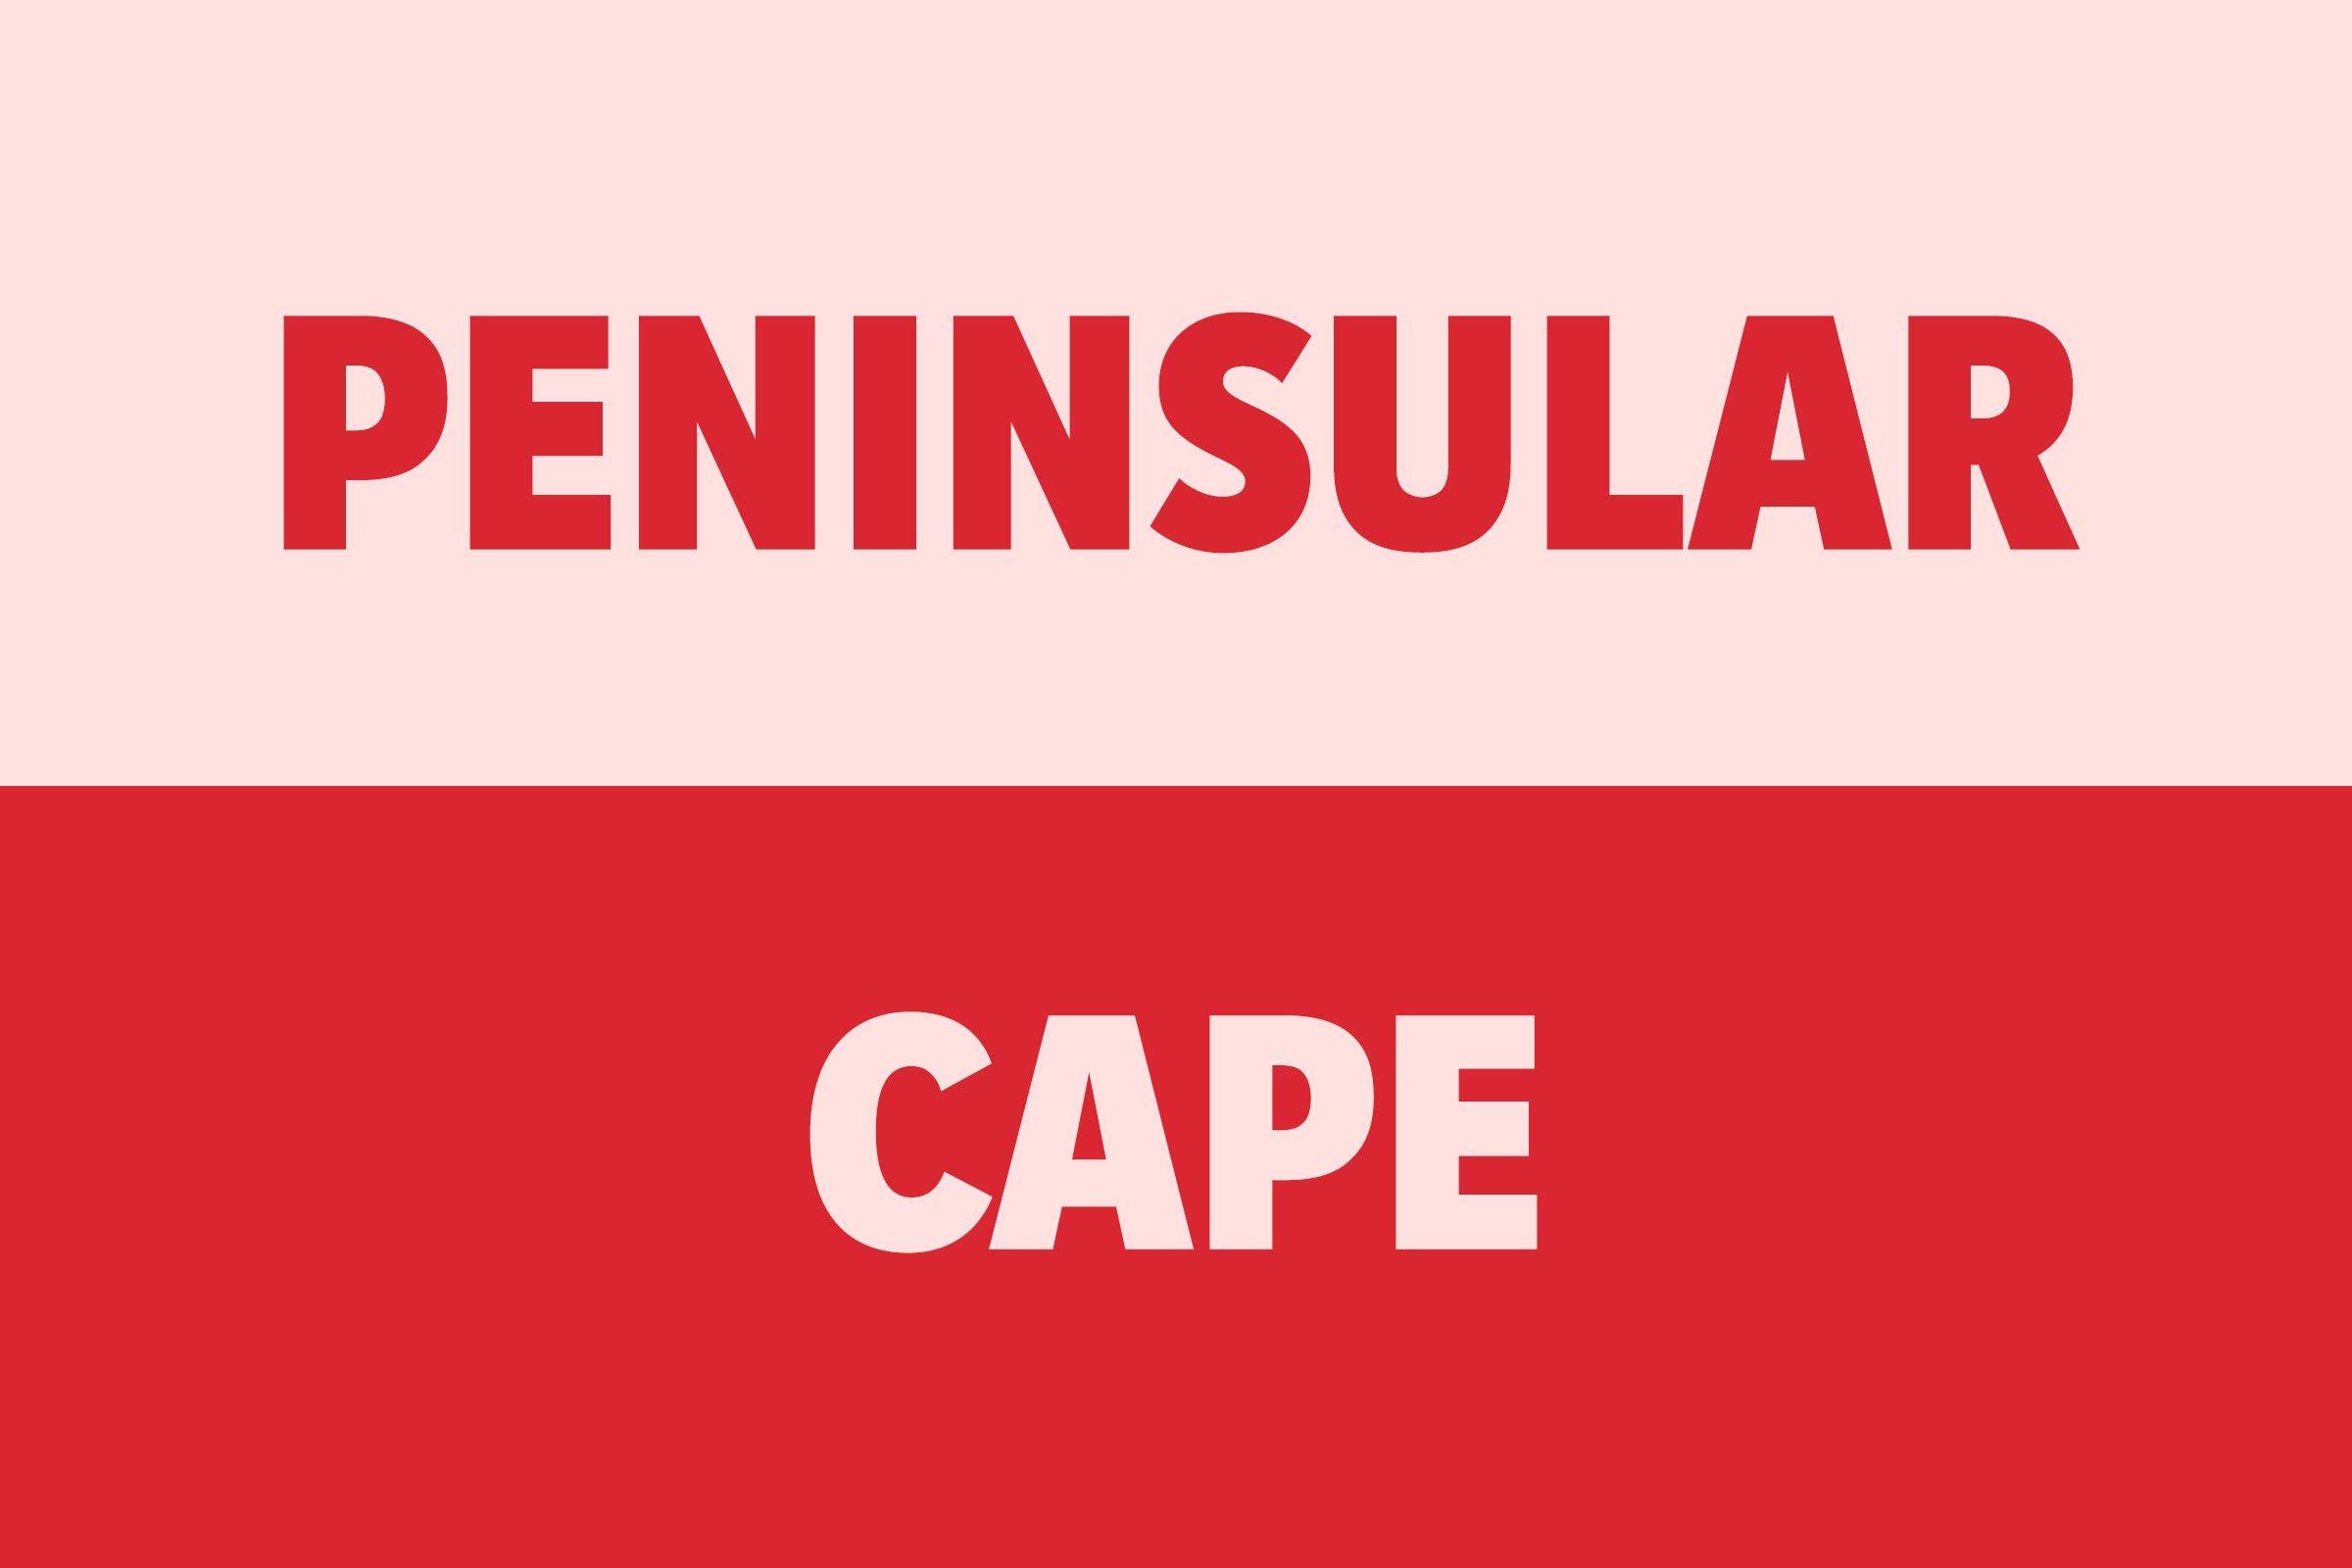 Peninsular vs Cape